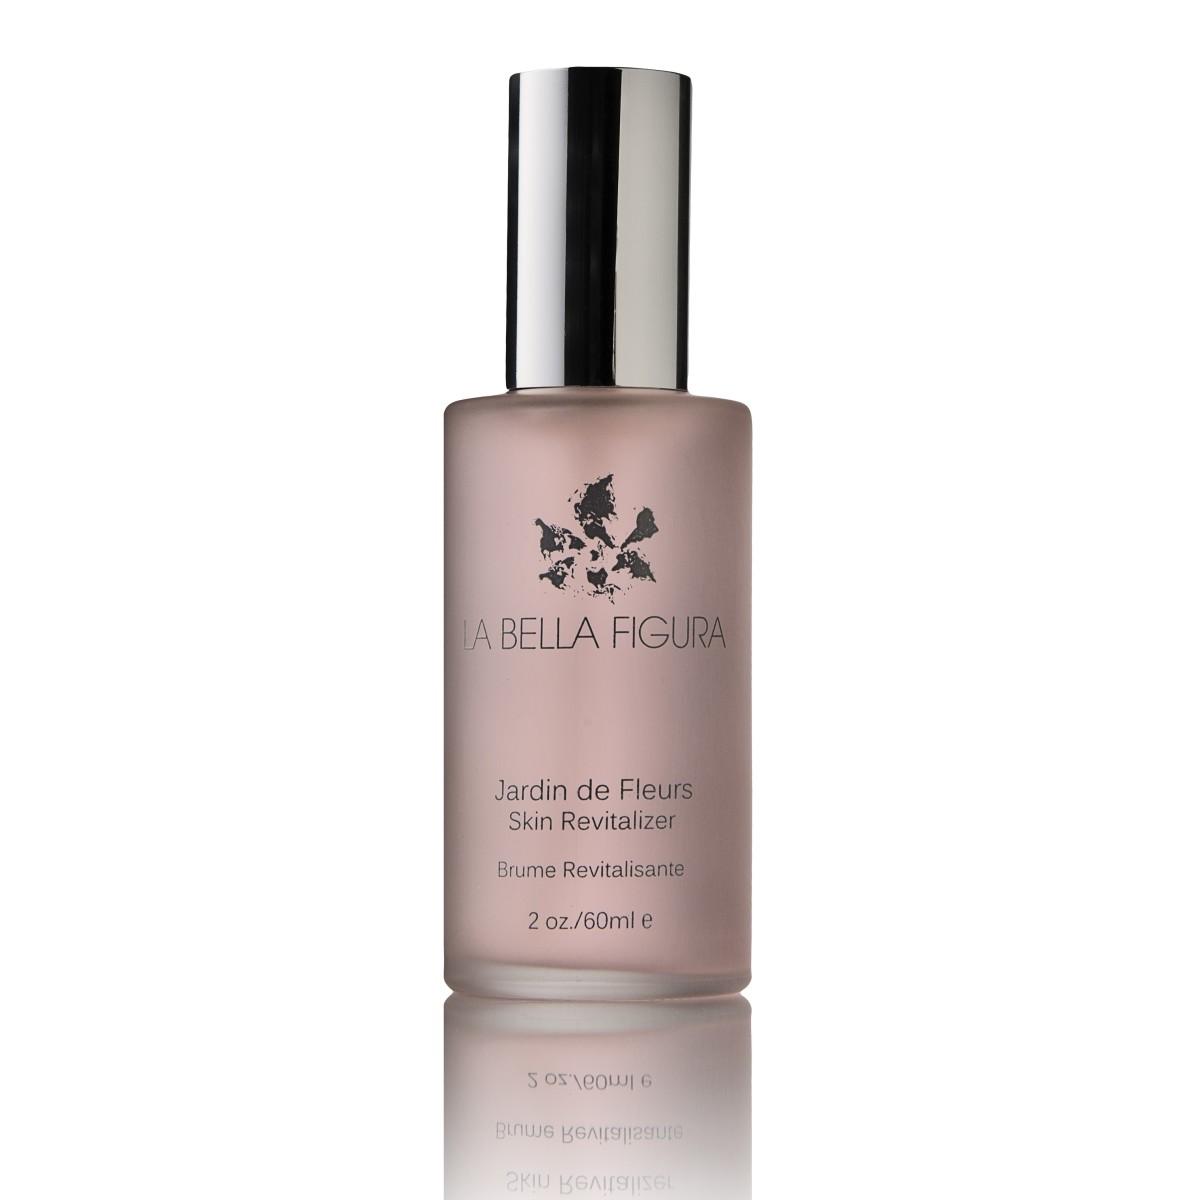 La Bella Figura Beauty - Jardin De Fleurs Skin Revitalizer